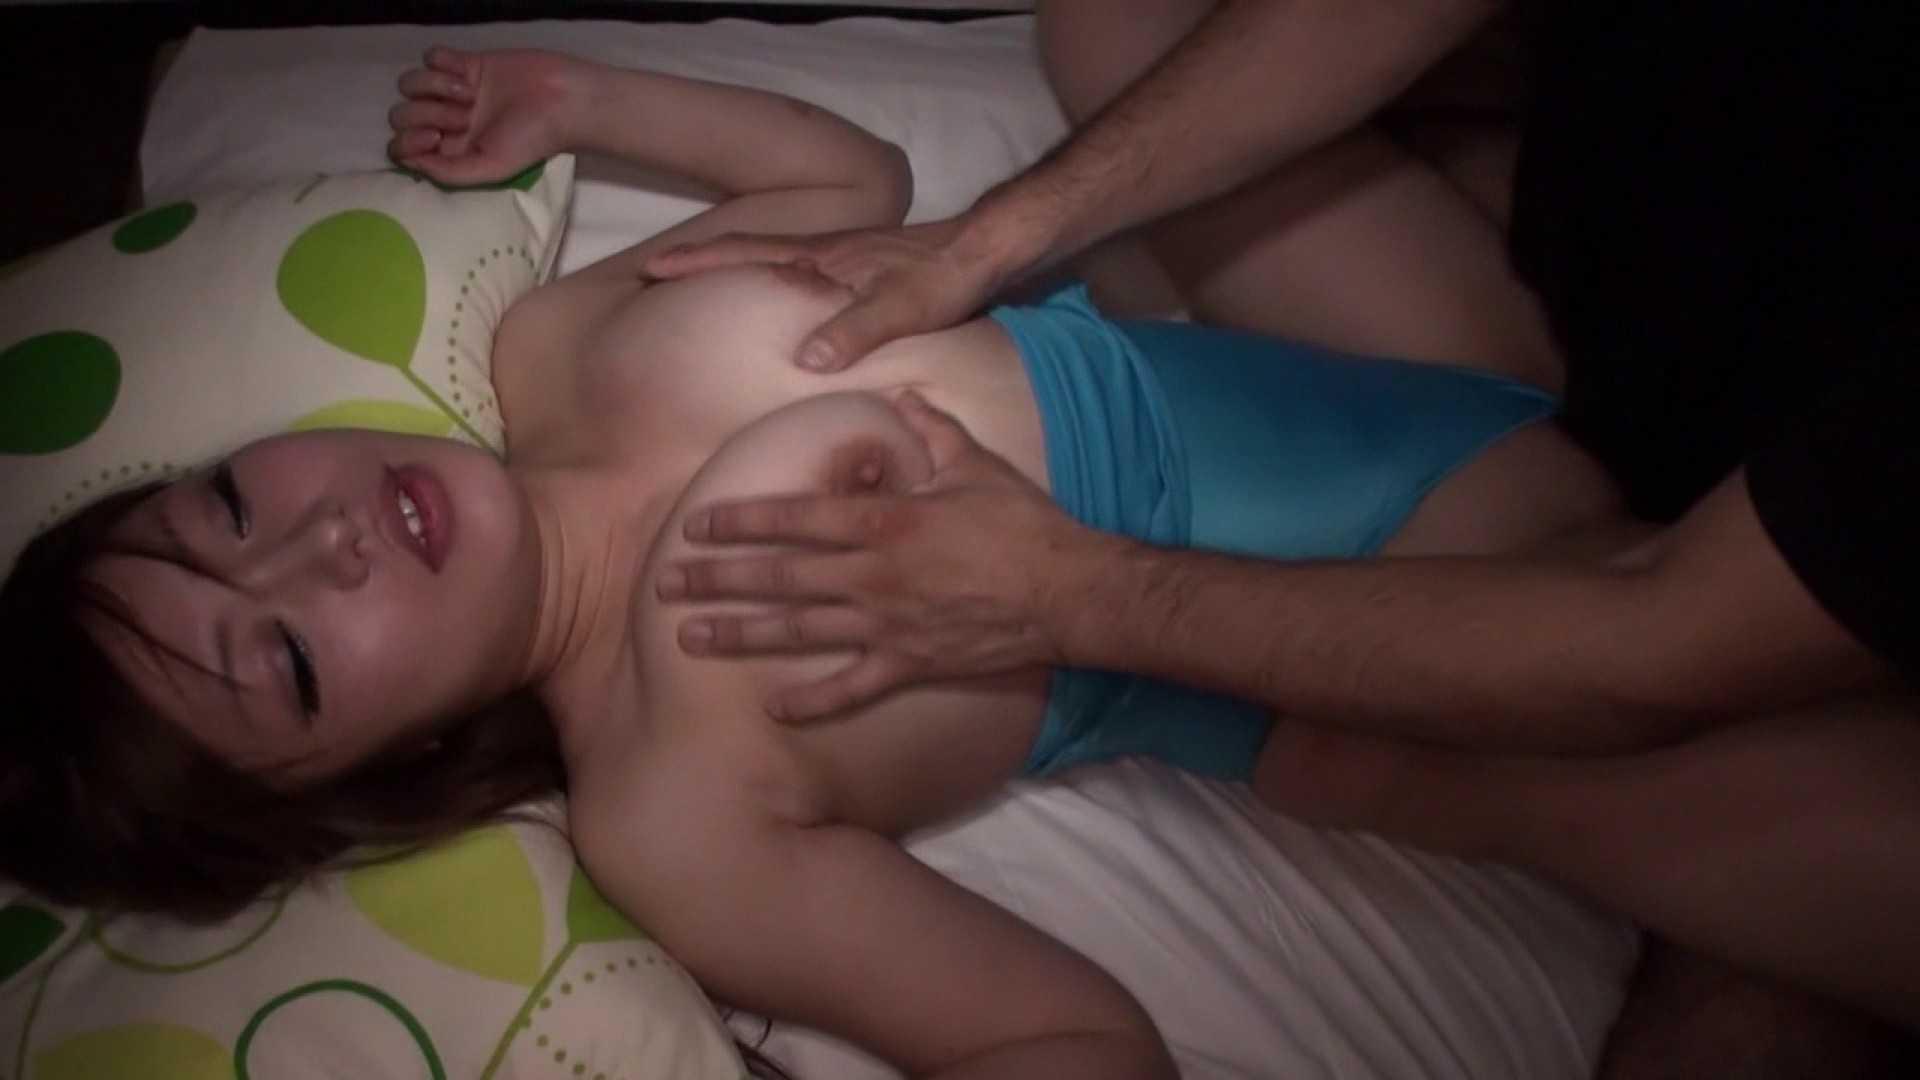 おしえてギャル子のH塾 Vol.40 OLのエッチ おまんこ無修正動画無料 104pic 82